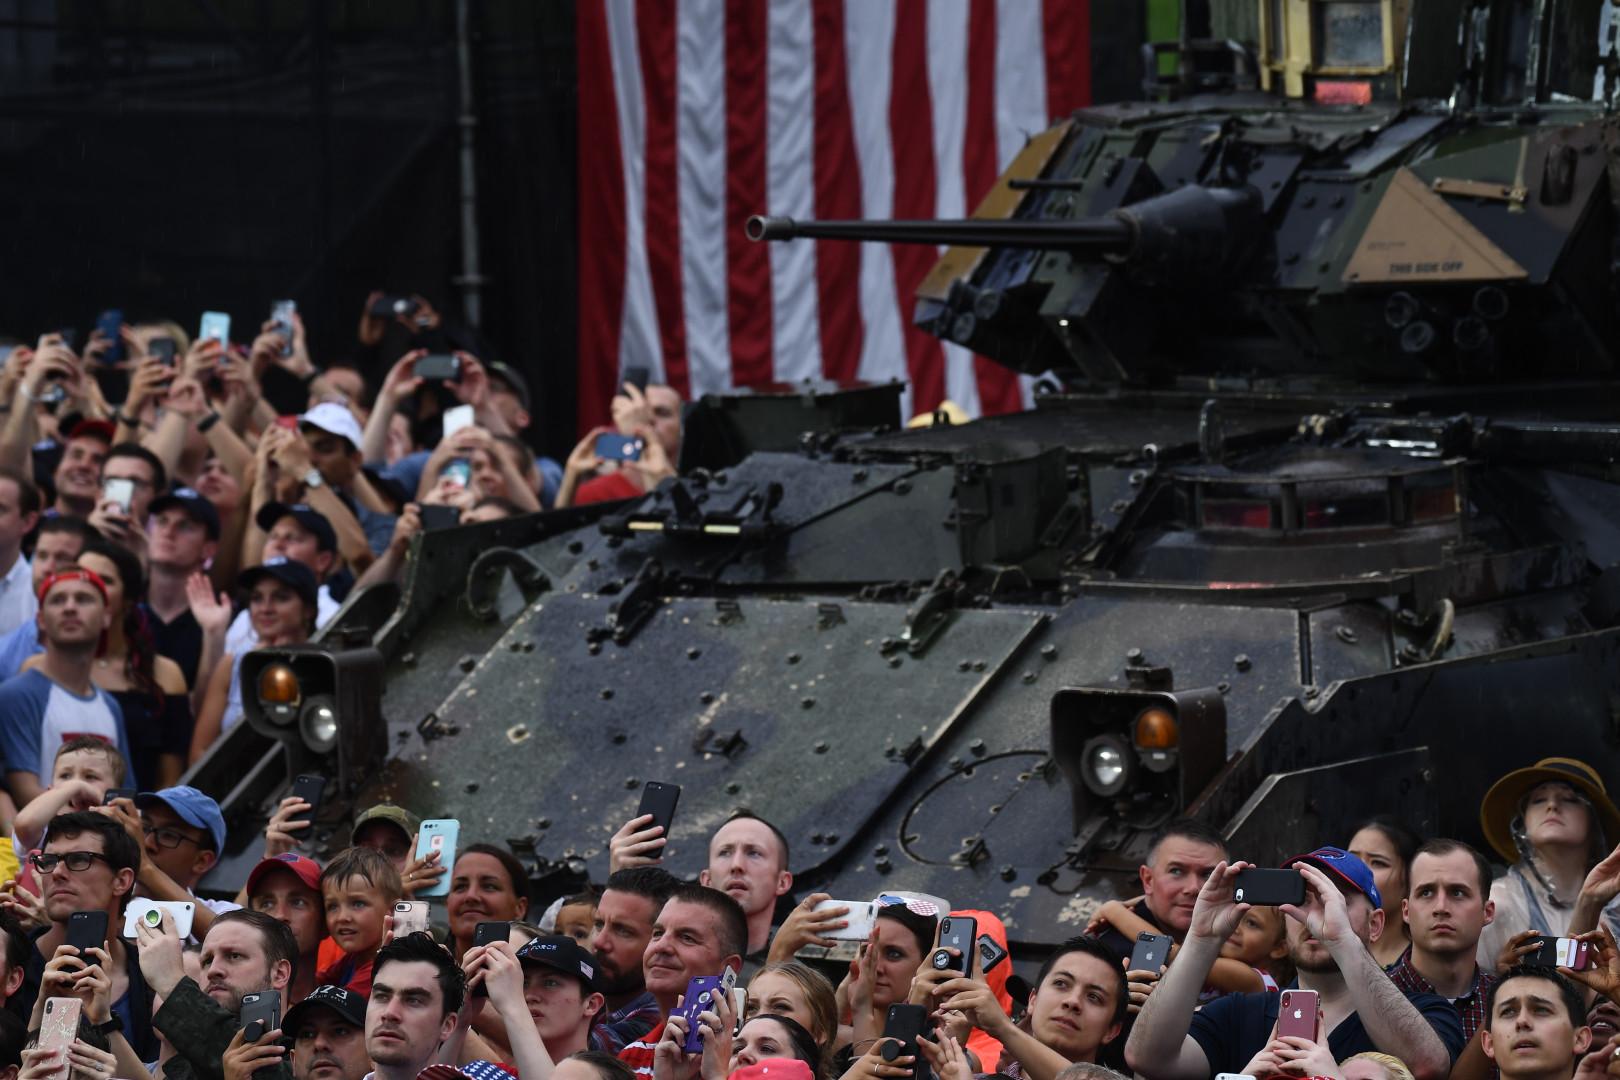 L'un des véhicules blindés placés au milieu de la foule.